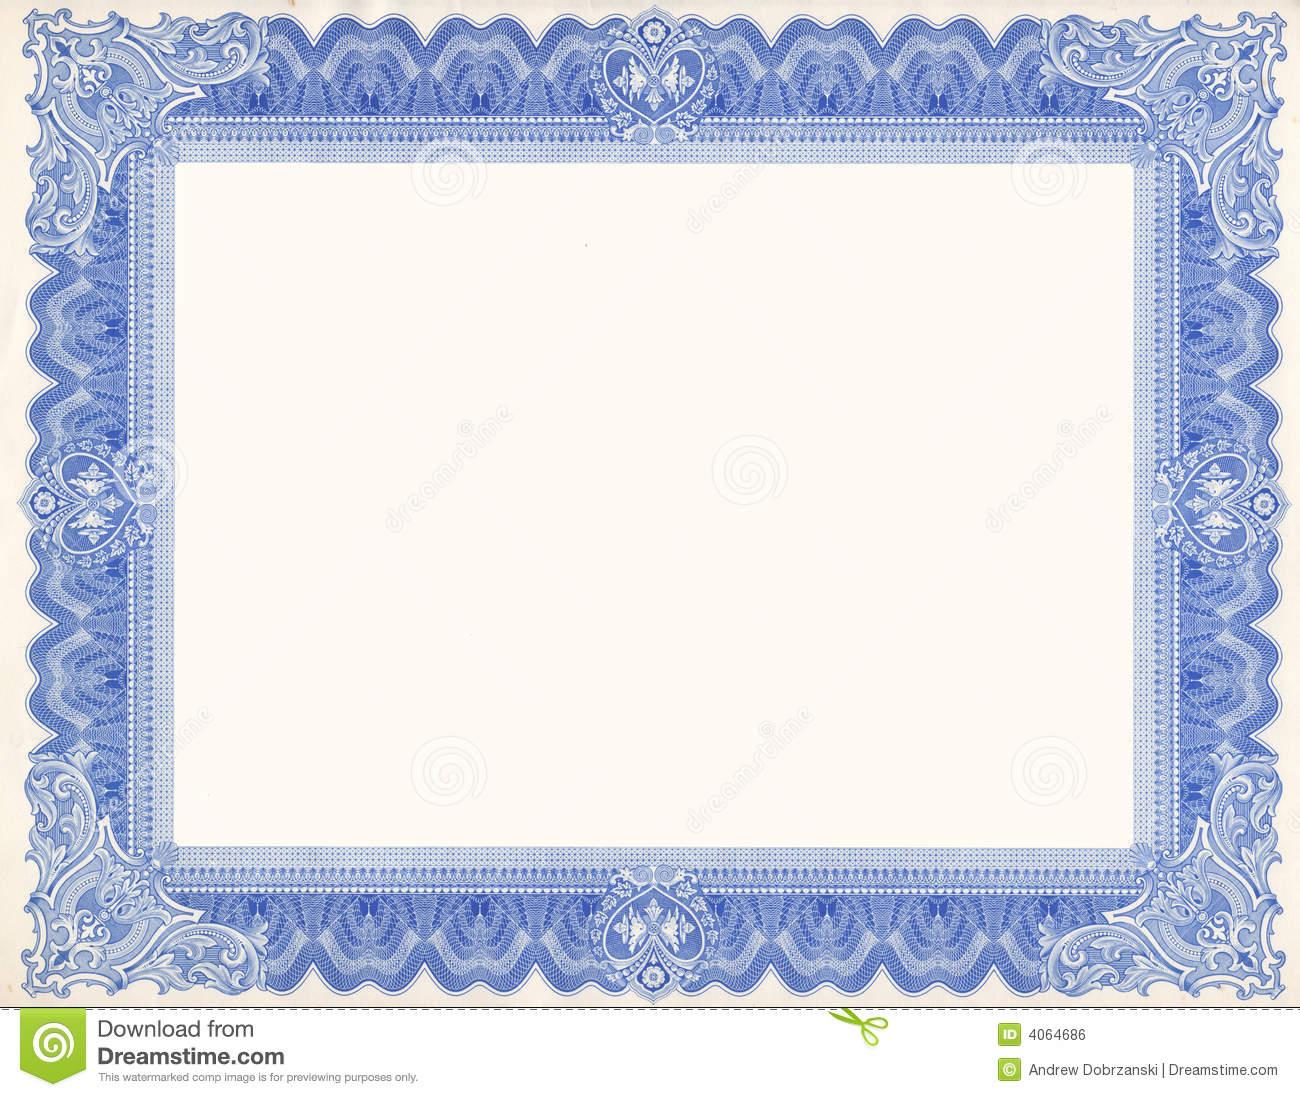 Certificate Border Vector Free Download at GetDrawings.com.